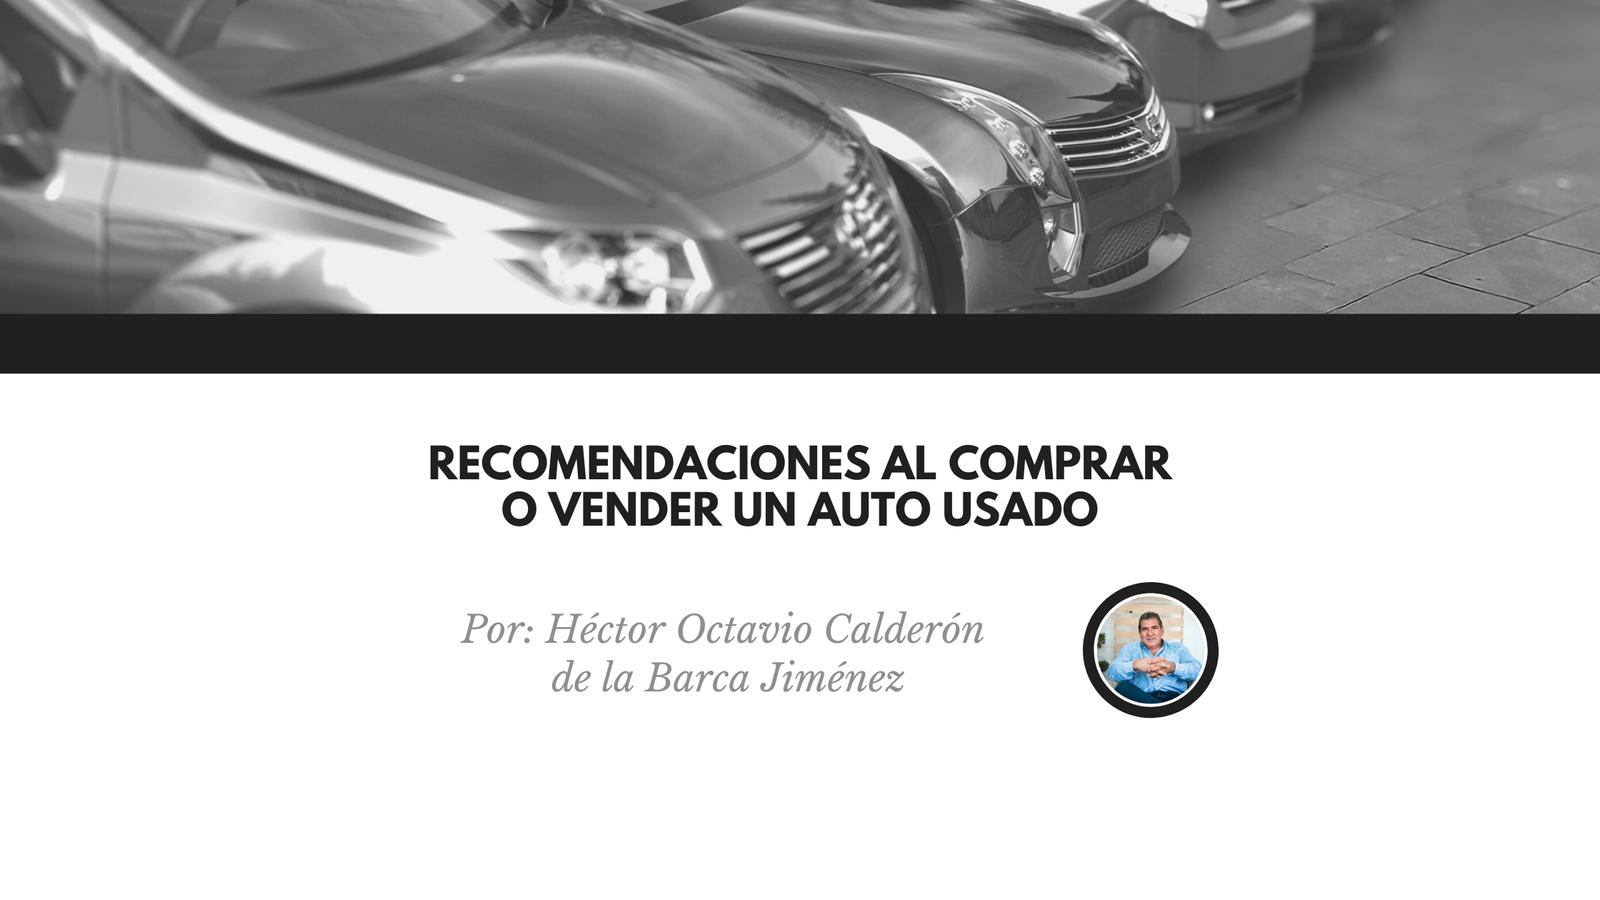 Recomendaciones al comprar o vender un auto usado